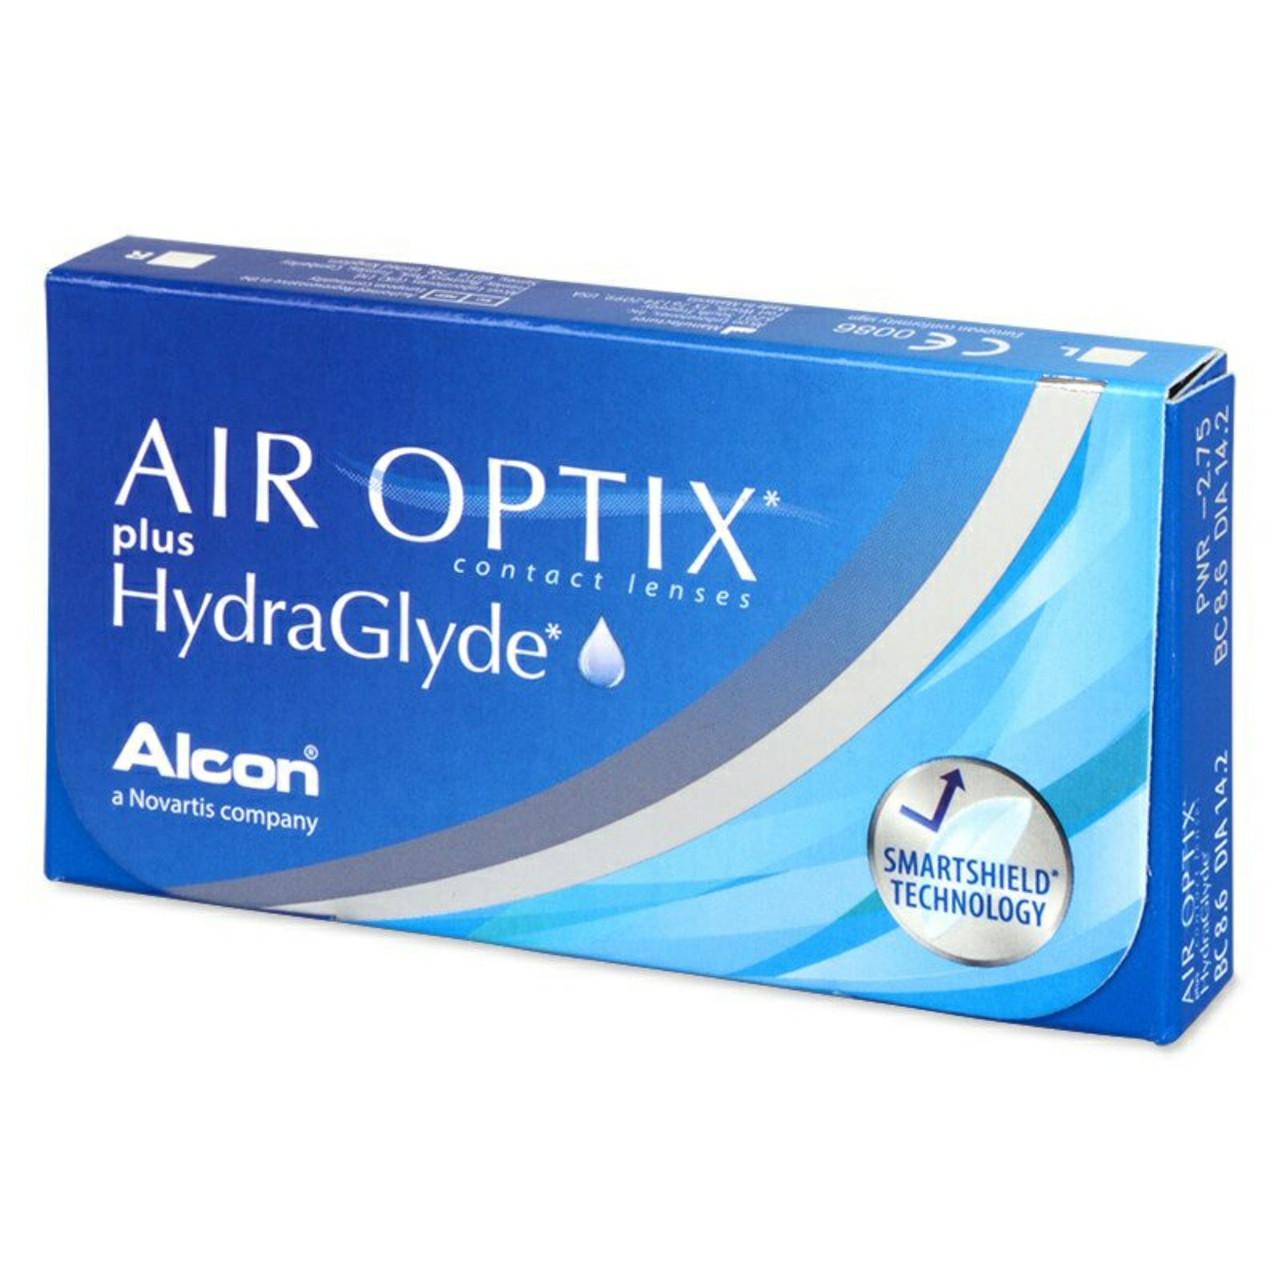 Контактные линзы +3,25 Air Optix plus HydraGlyde